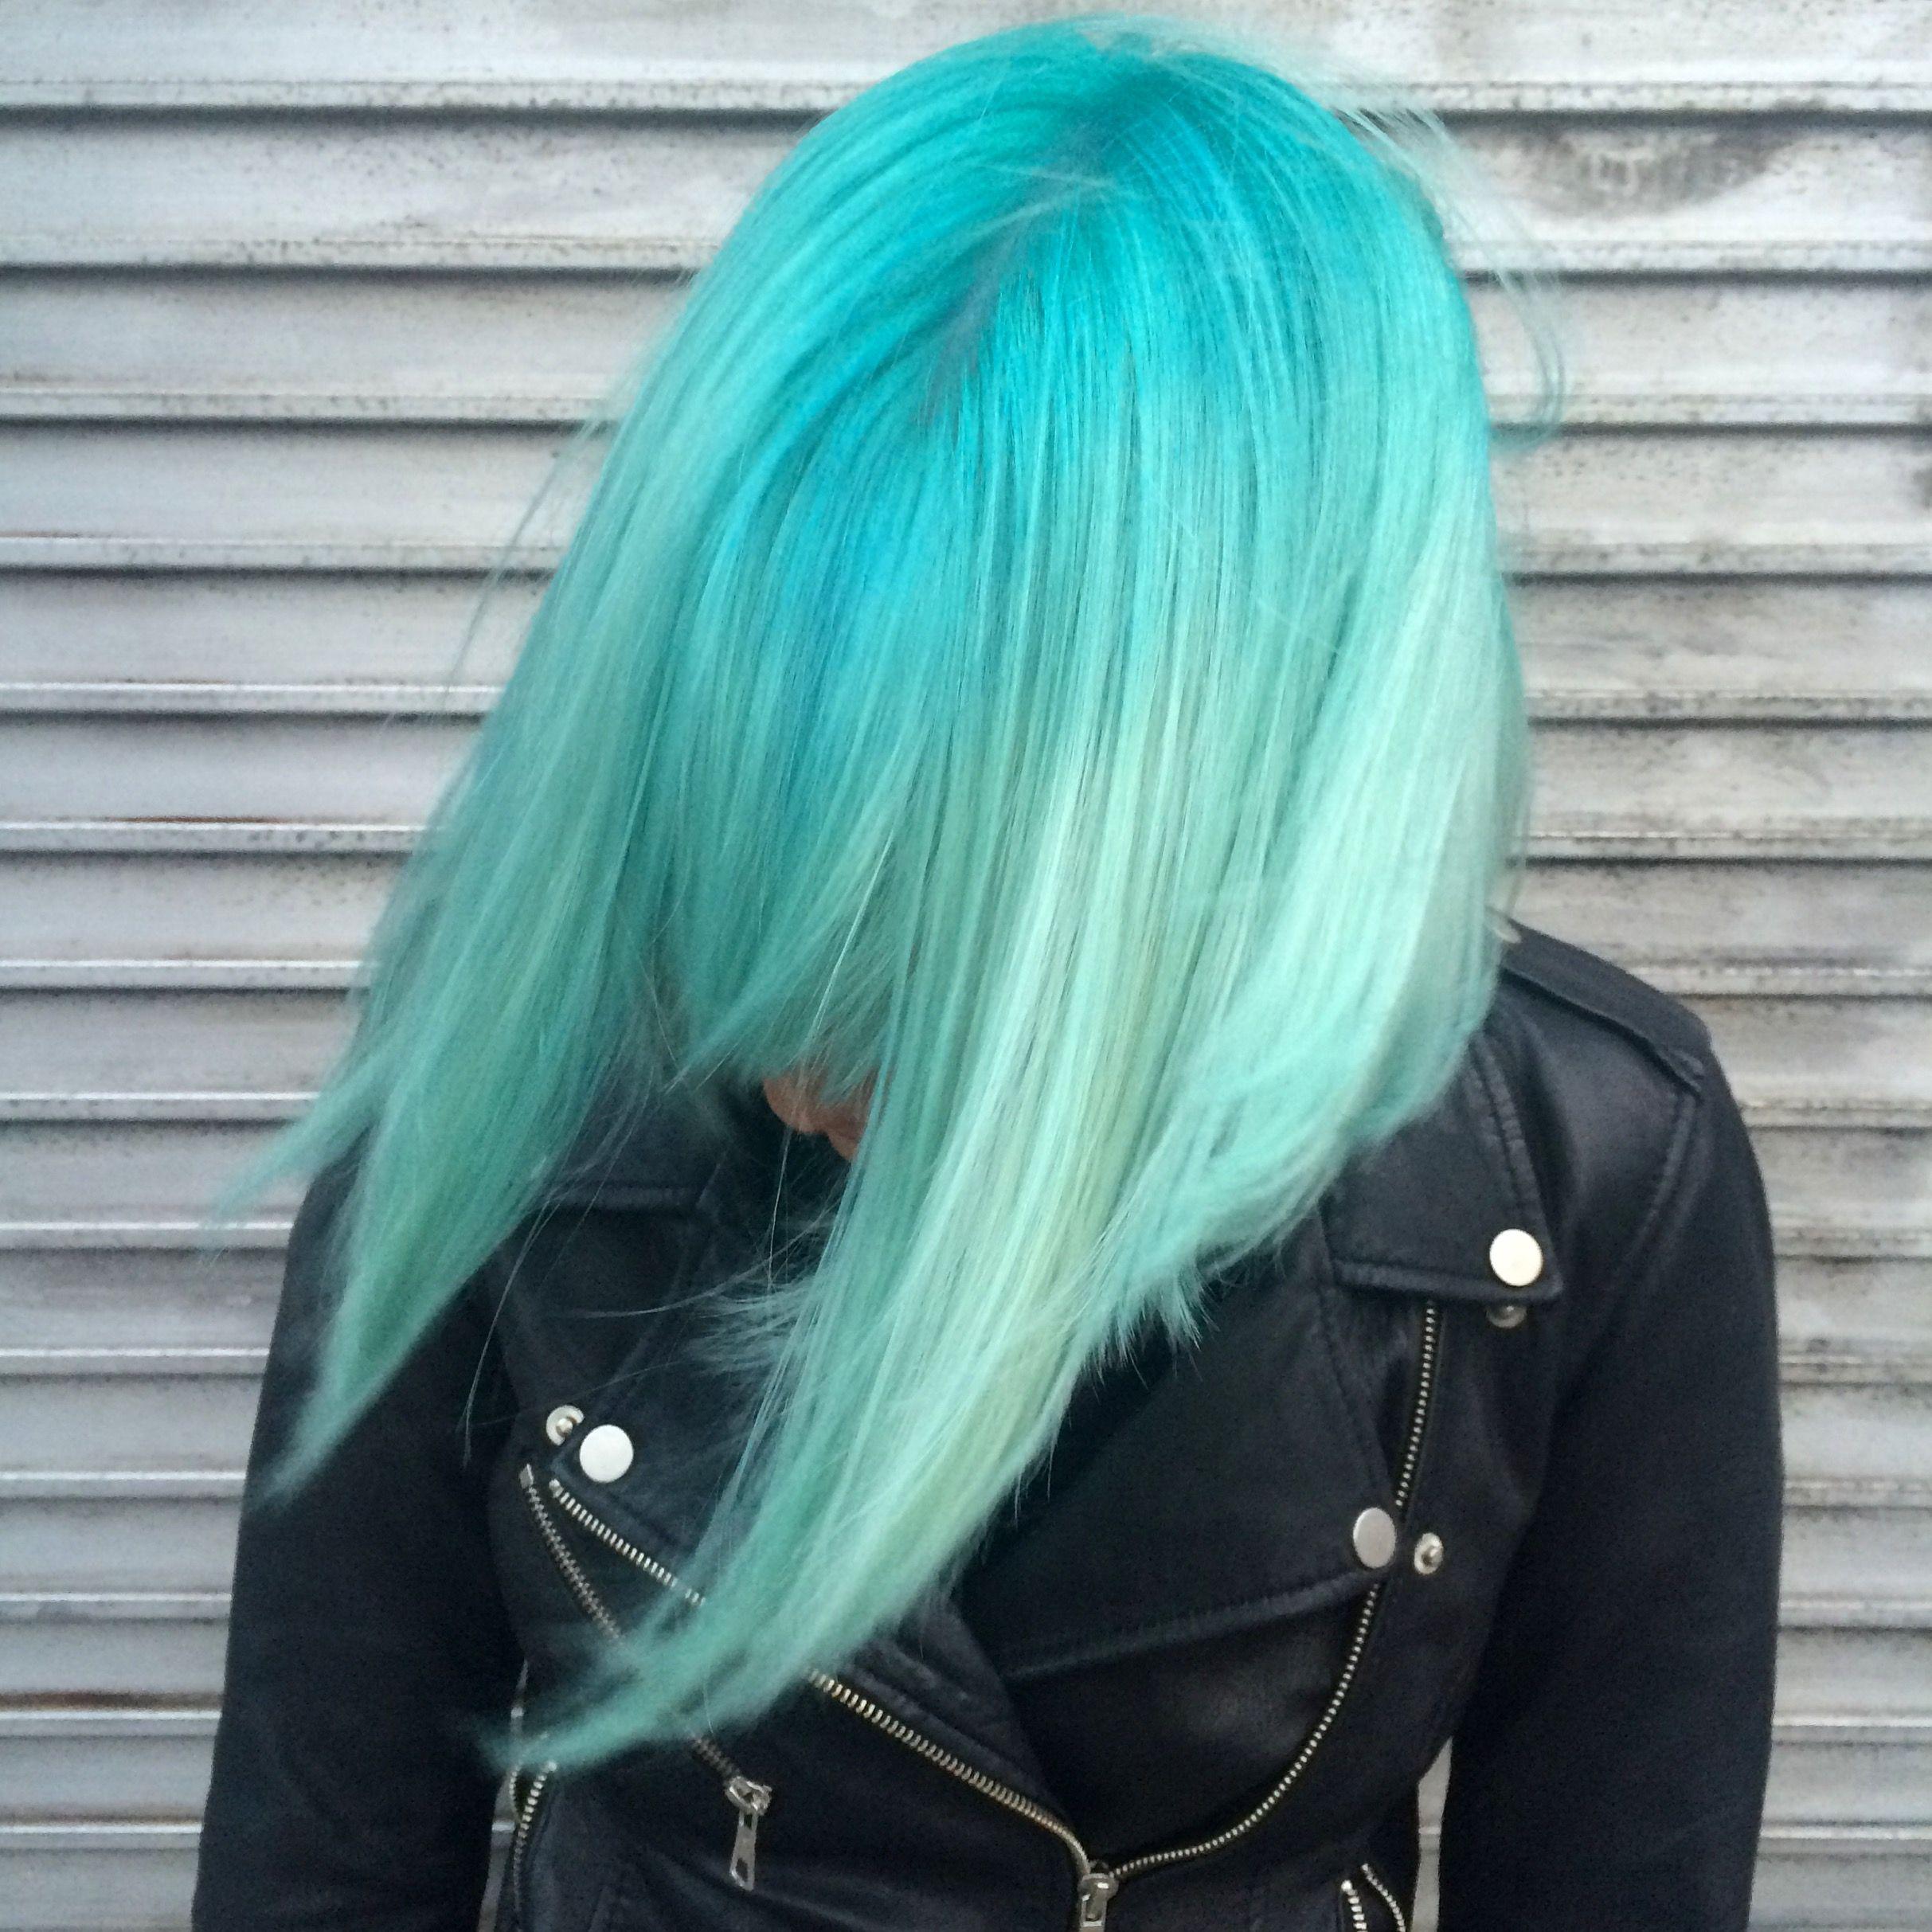 Hair by Loren Miles for Bleach London  ueue w a v e s o f c o l o r